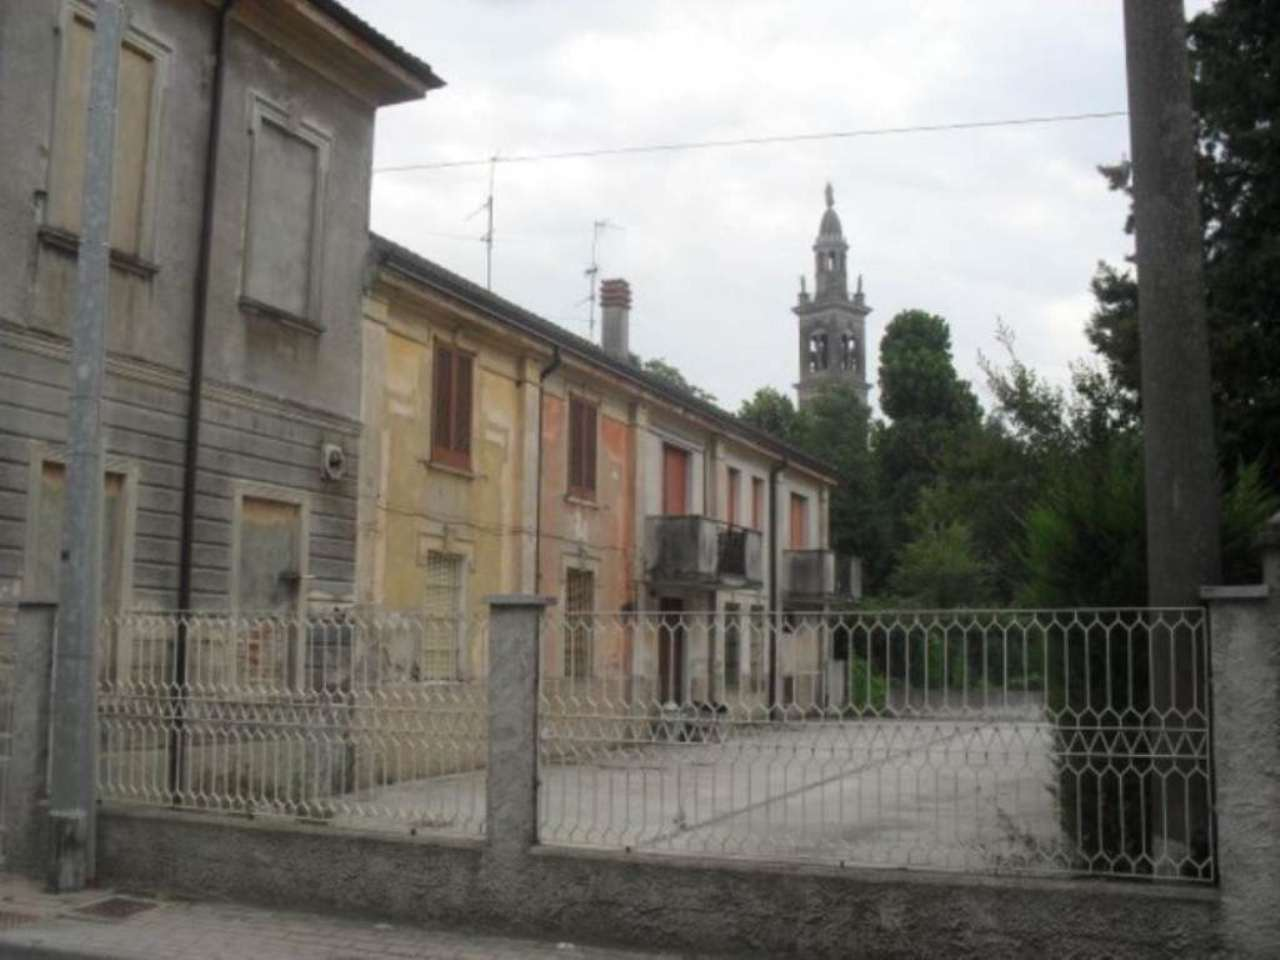 Palazzo / Stabile in vendita a Trigolo, 6 locali, prezzo € 180.000 | Cambio Casa.it